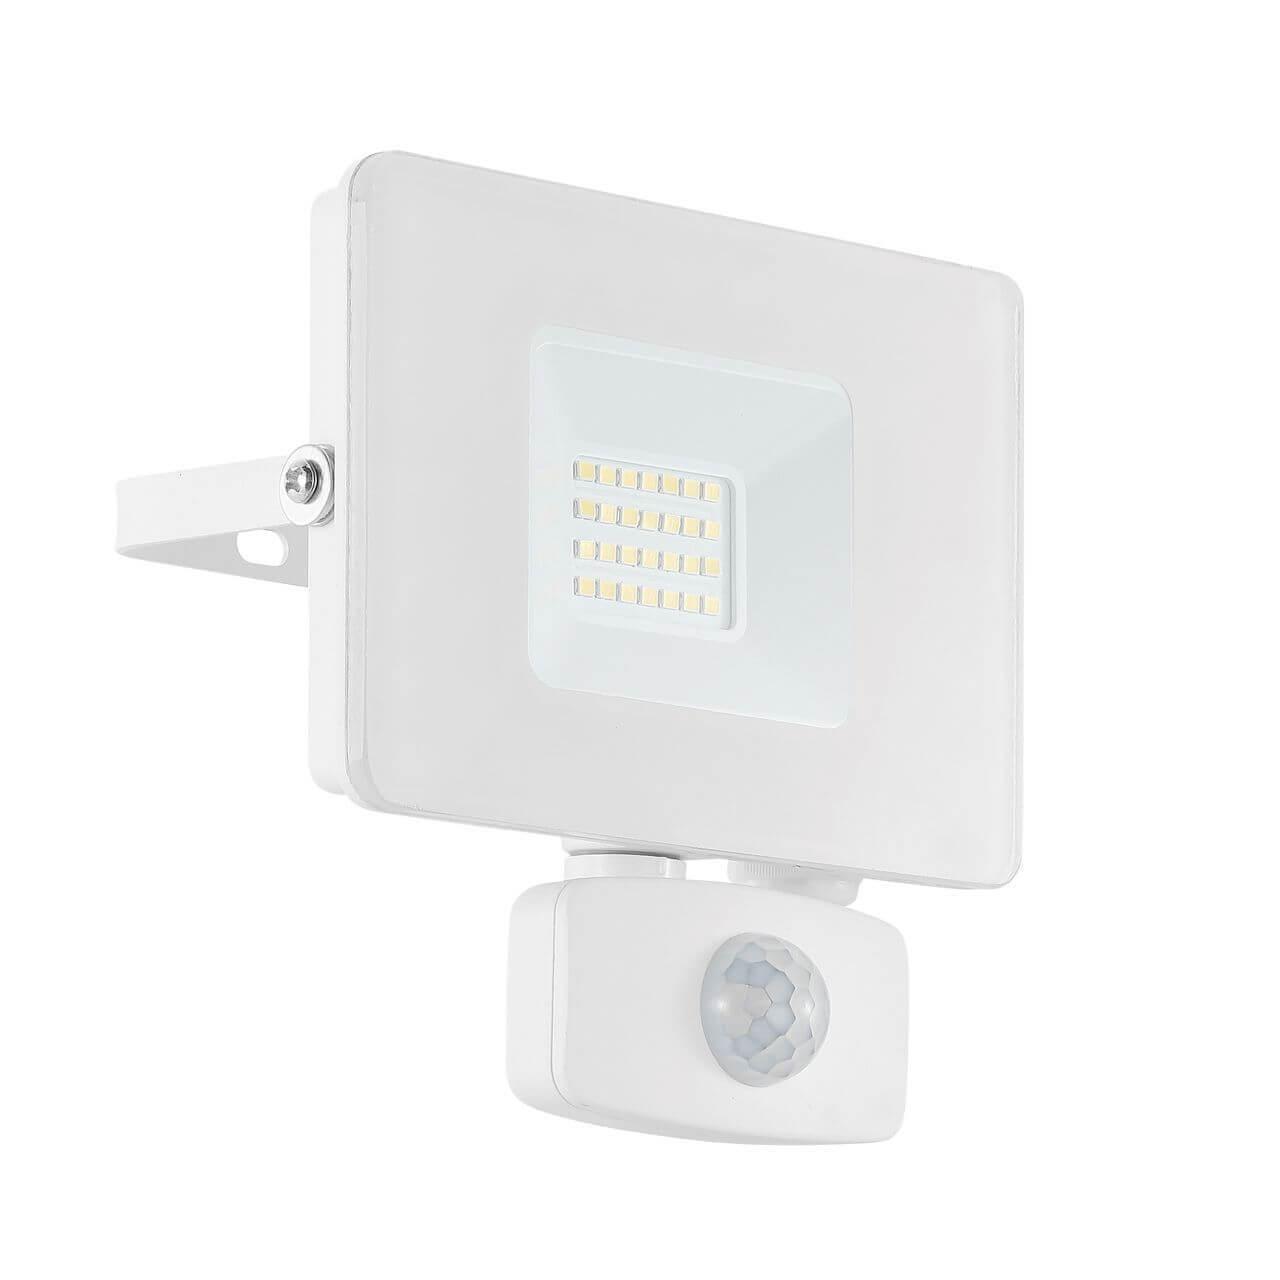 купить Прожектор светодиодный Eglo Faedo 3 33157 онлайн